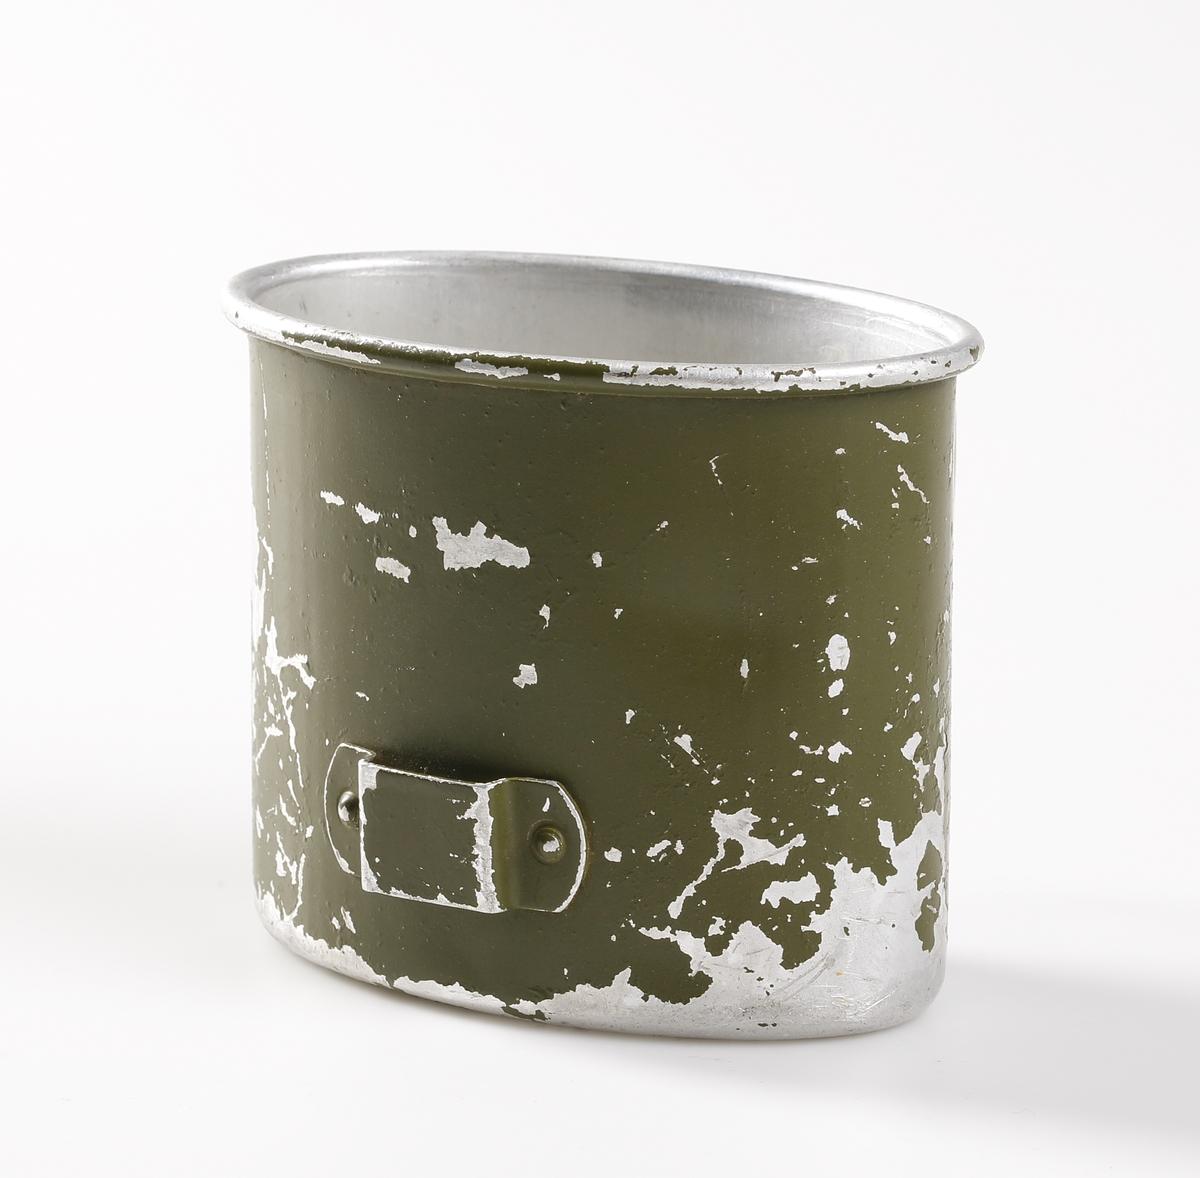 """Tyska arméns, M1931, vattenflaska, (Feldflasche) i aluminium med ett impregnerat och pressat träfiberlaminerat hölje och svart bakelitskruvkork. Komplett med gröna kakiremmar med stålbeslag och en svart läderrem runt flaskans hals. Flaskan har 0,8 liters kapacitet. Det är präglat på baksidan av träskyddet av plast """"D.R.G.M. / H.R.E.41 / D.R.P. angm."""". (Deutsche Reichs Gebrauchs Muster/Heinrich Ritter, Esslingen, 1941/Deutsches Reichs Patent angemeldet). Remmarna har ett fjäderbelastat stållås för att fästa flaskan på bältet, vilket är stämplad """"PATENT RITTER"""". De stålförsedda remspetsarna har en märkning inom cirkel """"SHB"""". Metalljusteringsspännet på selen är målat i DAK-grönt och märkt """"DRP. ang. HRE 42"""". Ett litet cirkulärt varumärke finns präglat på toppen av bakelitlocket som innehåller """"7M"""" och bokstaven """"S"""". Lockets insida har en röd gummitätning. Flaskan är avsedd att användas i varma områden som Südfront (Sydfront), die Tropen (tropiska områden) eller vid DAK (Deutsche Afrika Korps). Fältflaskan gick ofta under namnet """"kokosnöten"""" (kokonuss) på grund av dess utseende. Matkärlet i aluminium är har en grönmålad utsida och insidan är helt metallren, men skall vara med röd emalj på insidan. Koppen är märkt mellan de båda greppbyglarna med """"HRE43"""" (Heinrich Ritter 1943)."""